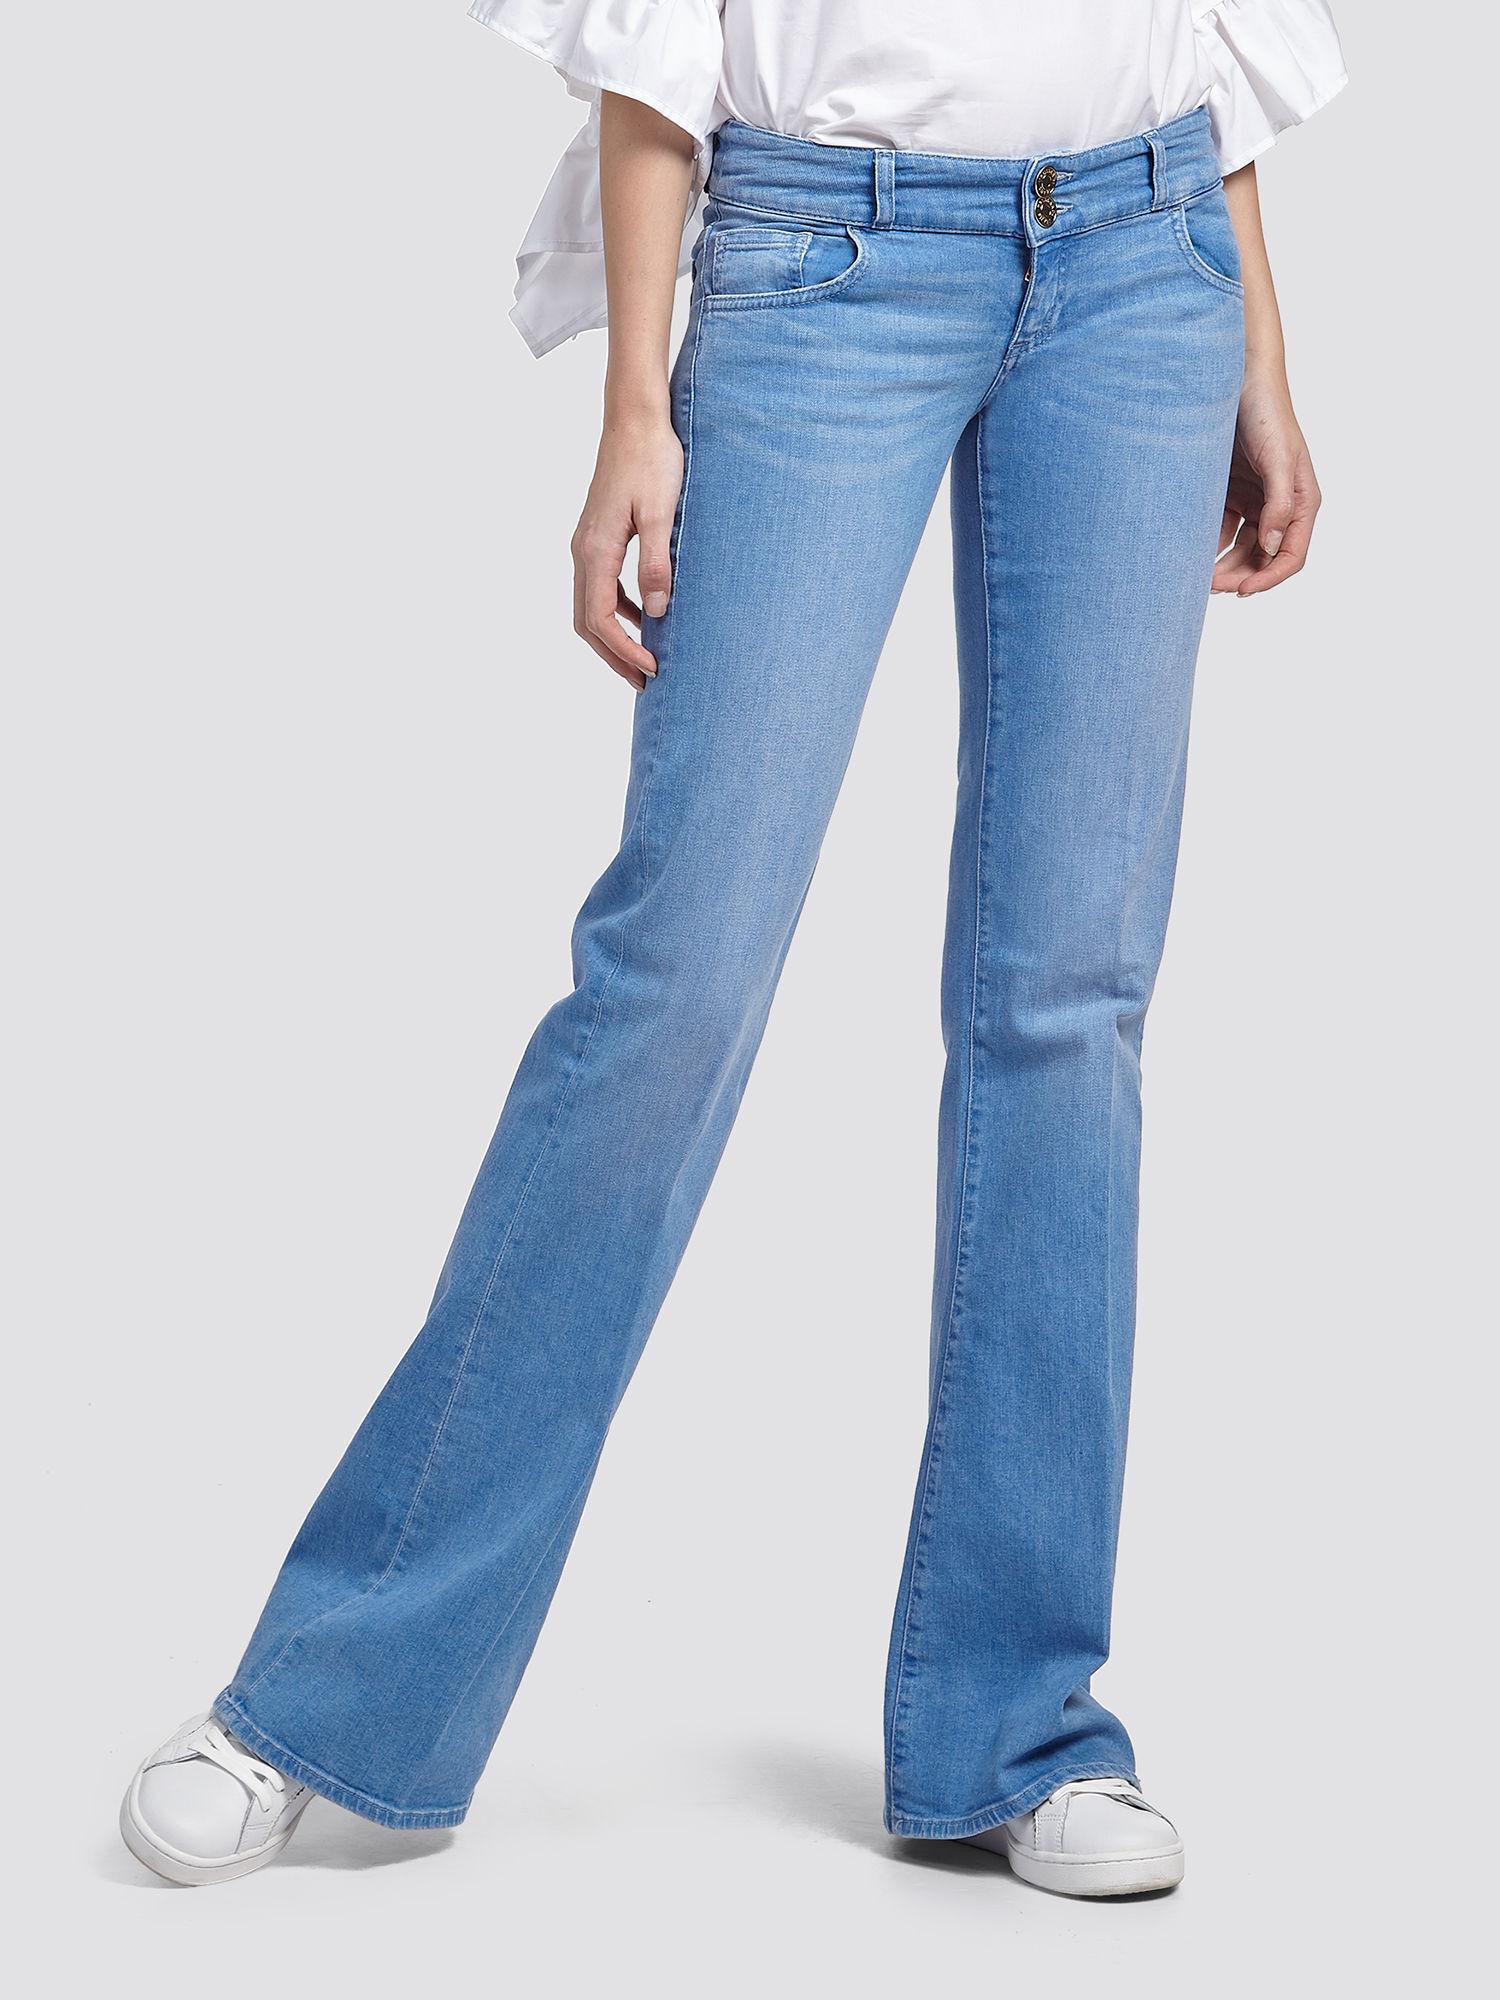 Womens Flared Jeans Trussardi kxYF0oZK0